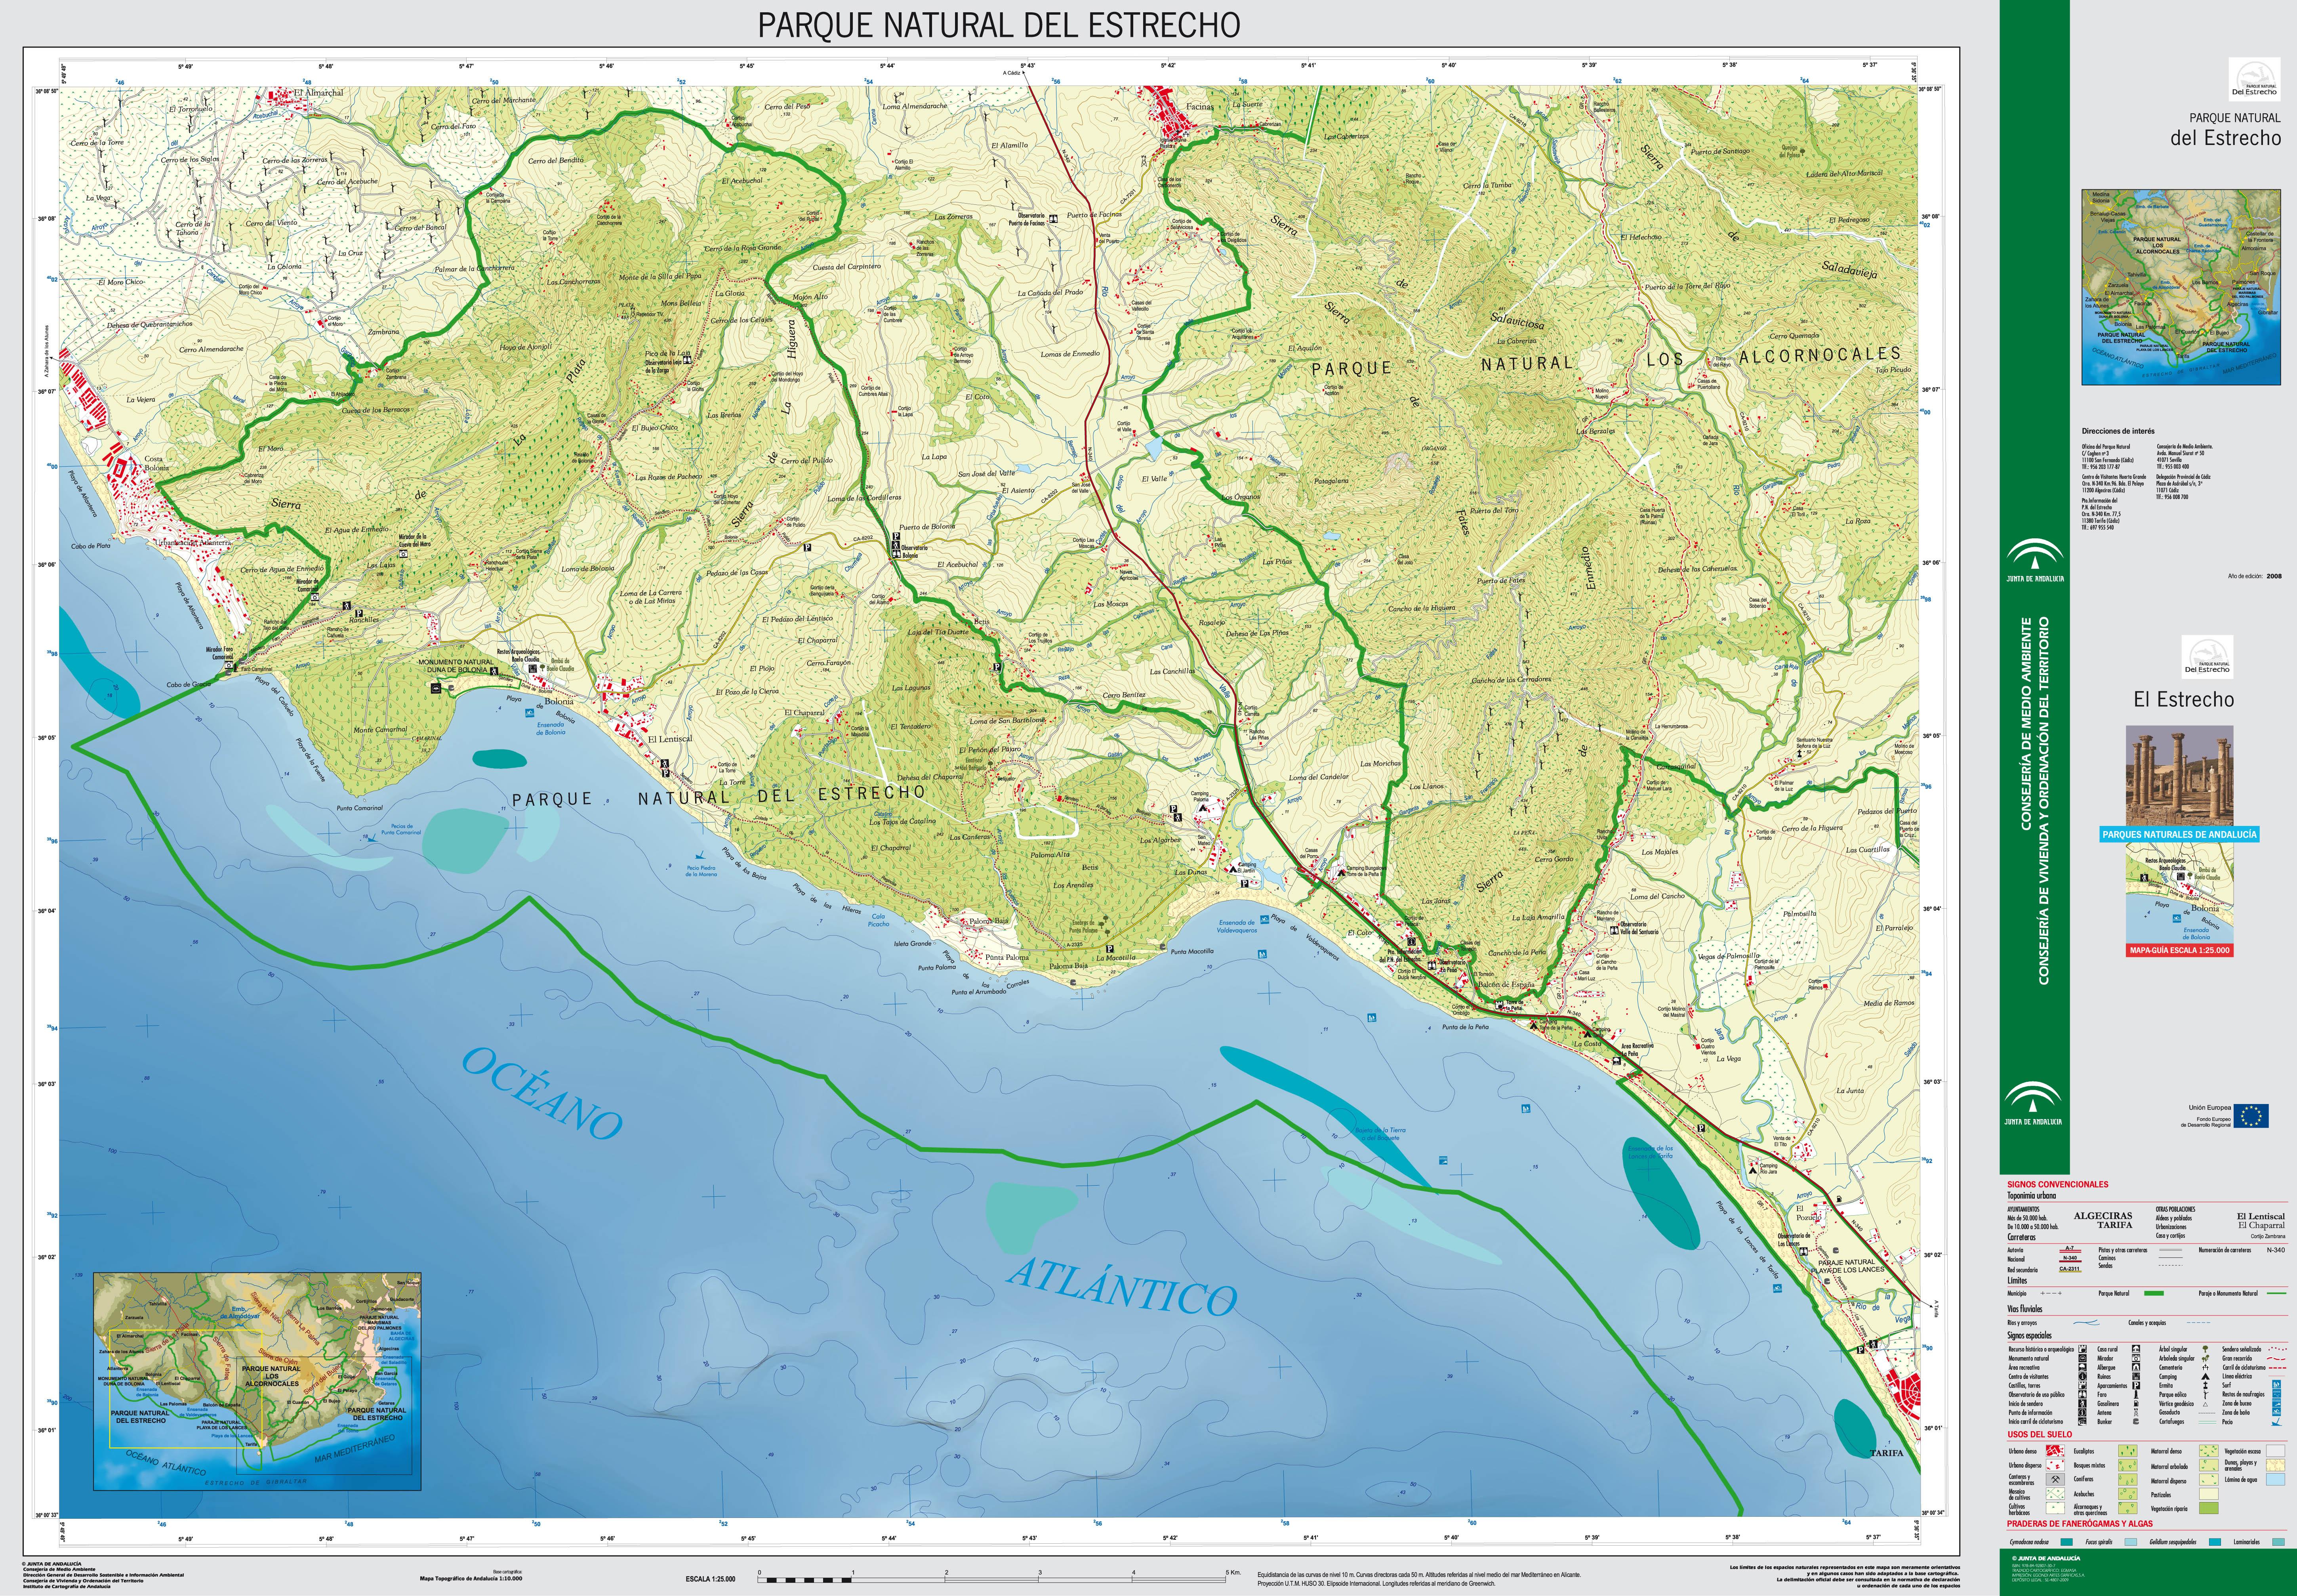 Zona occidental Parque Natural del Estrecho 2008